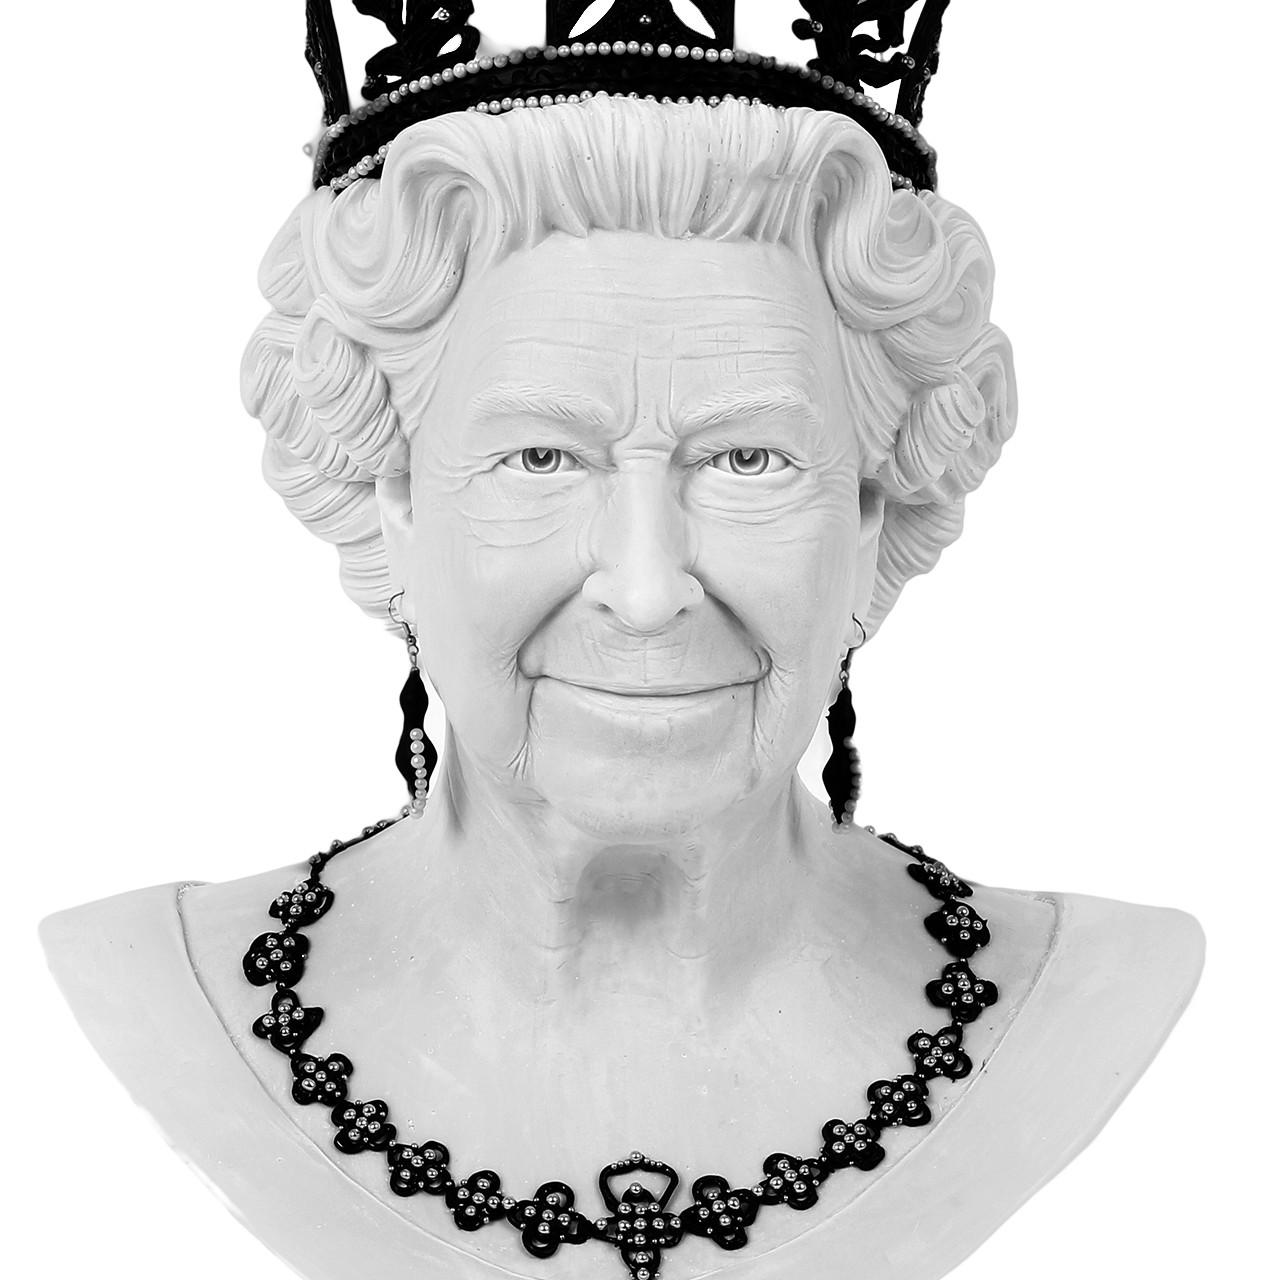 Queen Elizabeth II Sculpture